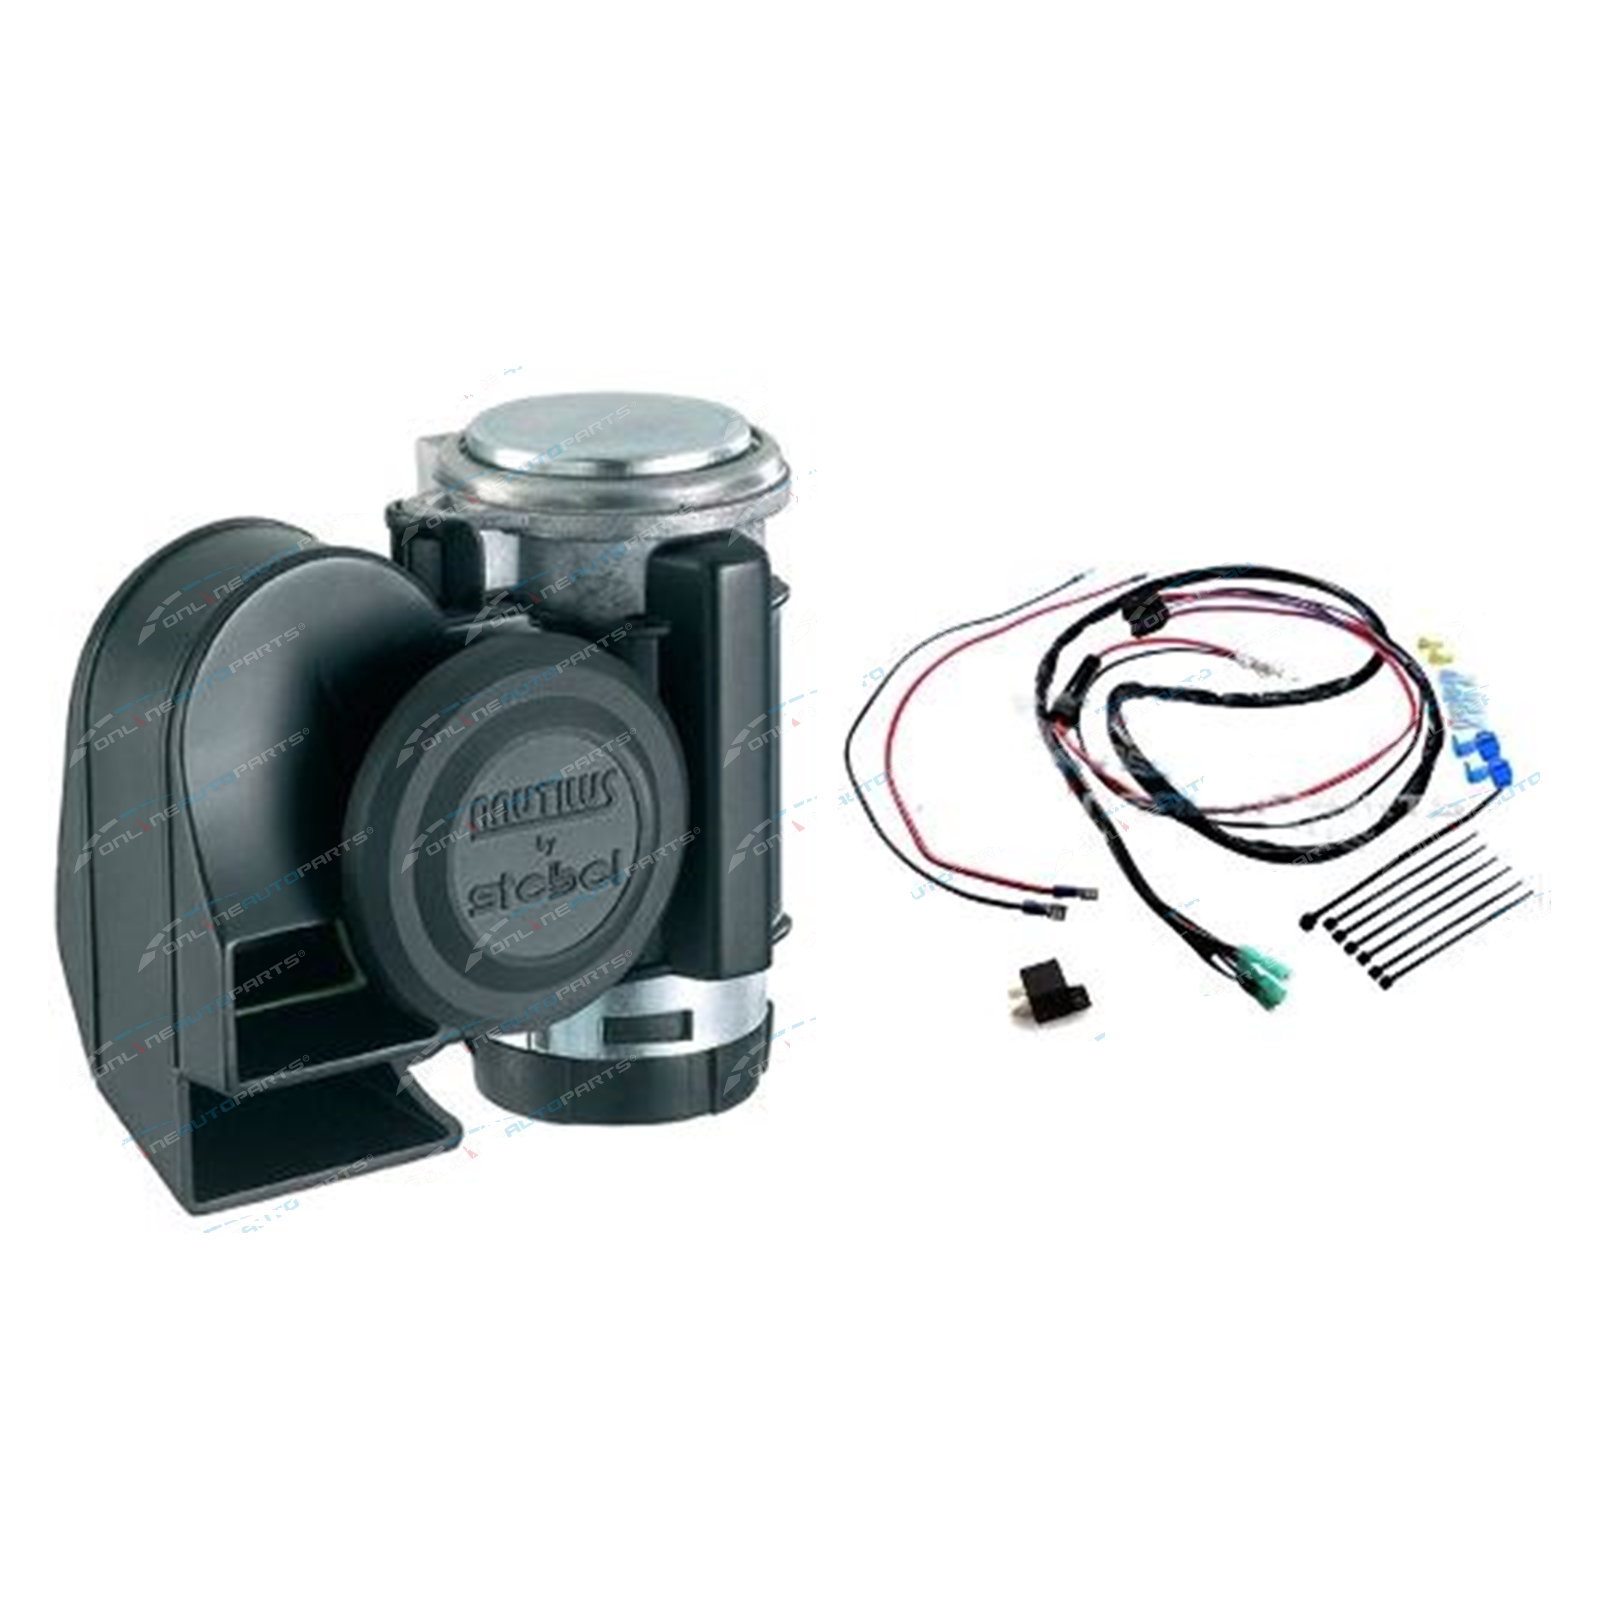 57 bel air horn wiring diagram stebel nautilus compact 12volt car air 4x4 horn black ...